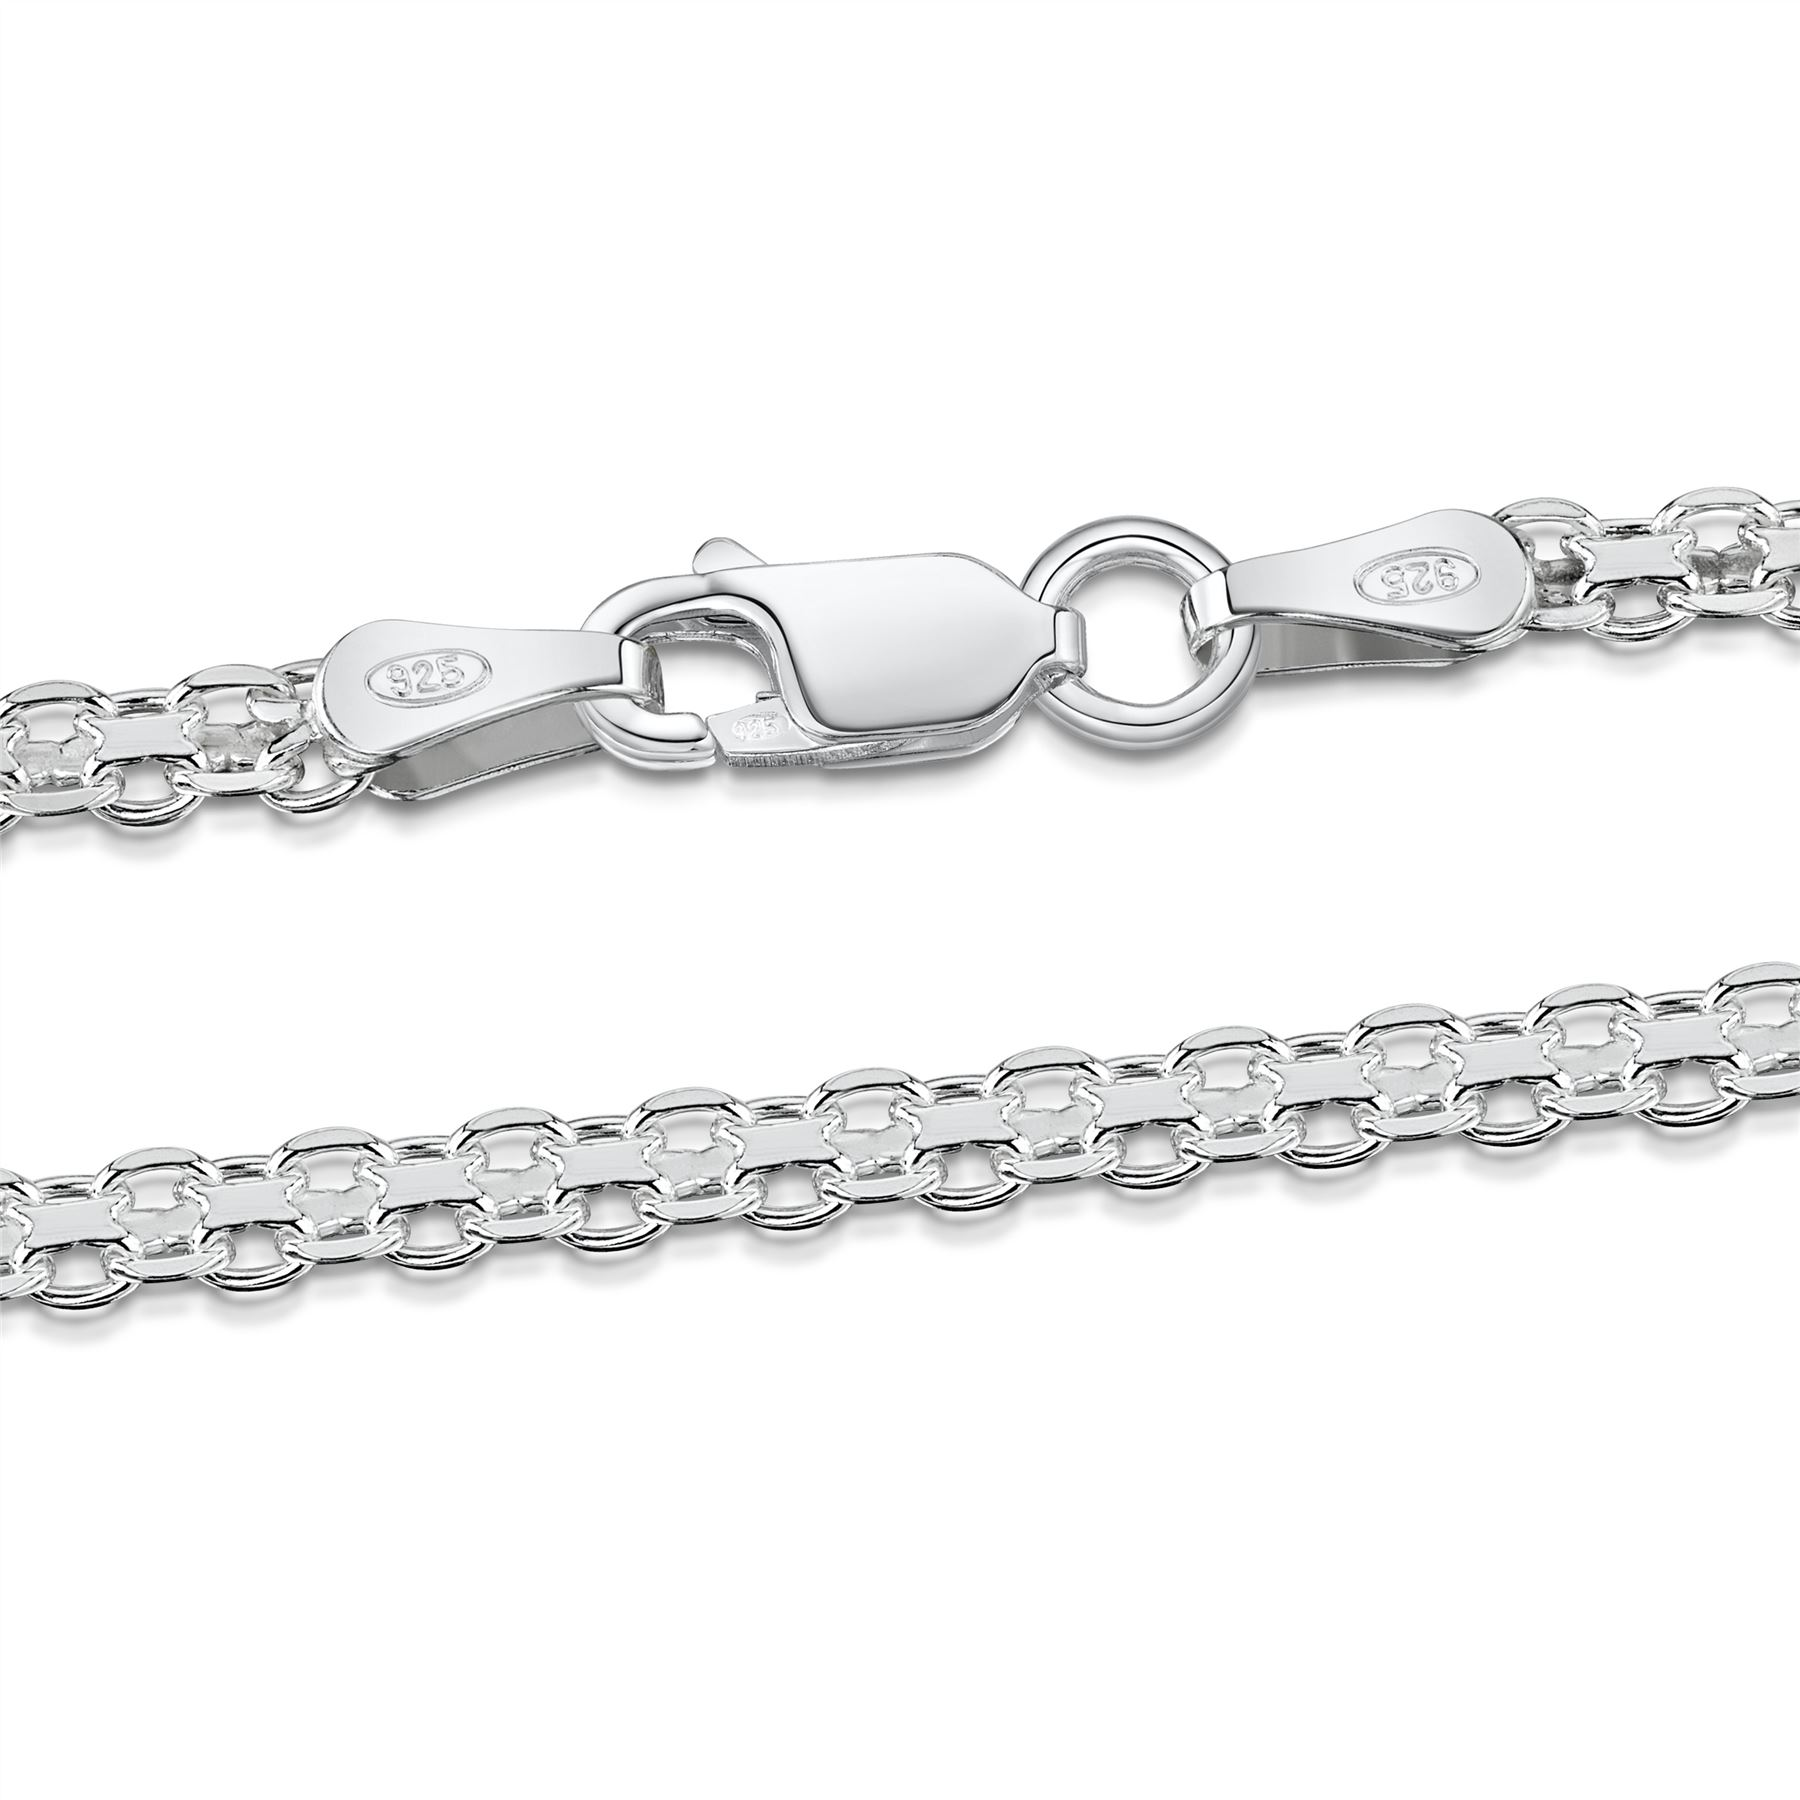 Amberta-Bijoux-Bracelet-en-Vrai-Argent-Sterling-925-Chaine-pour-Femme-a-la-Mode thumbnail 59